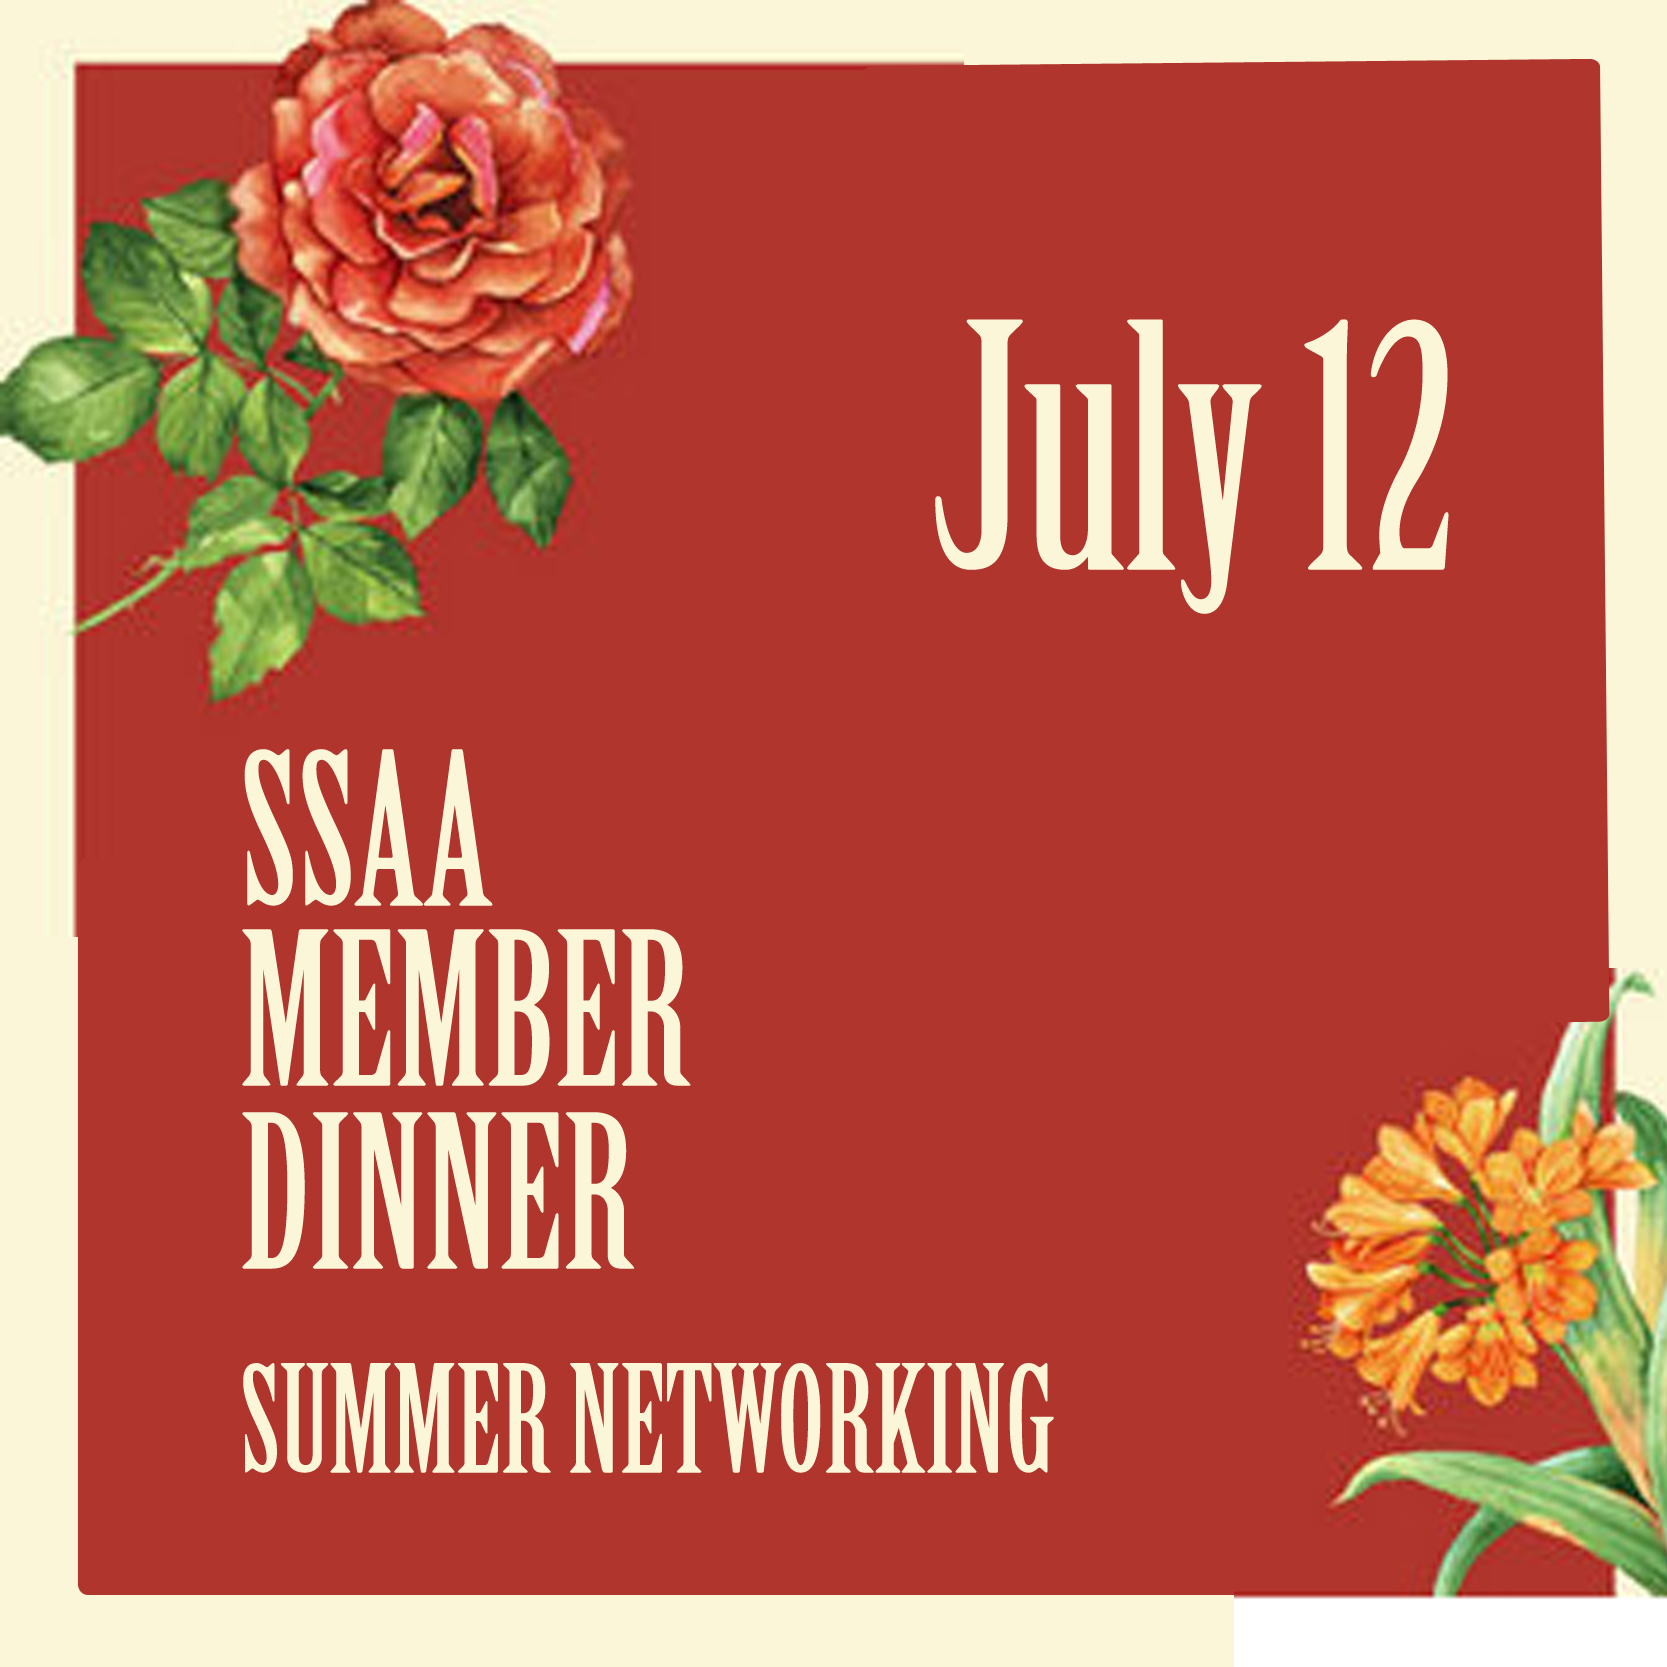 July 12 - SSAA Member Dinner Summer Networking, Hong Kong